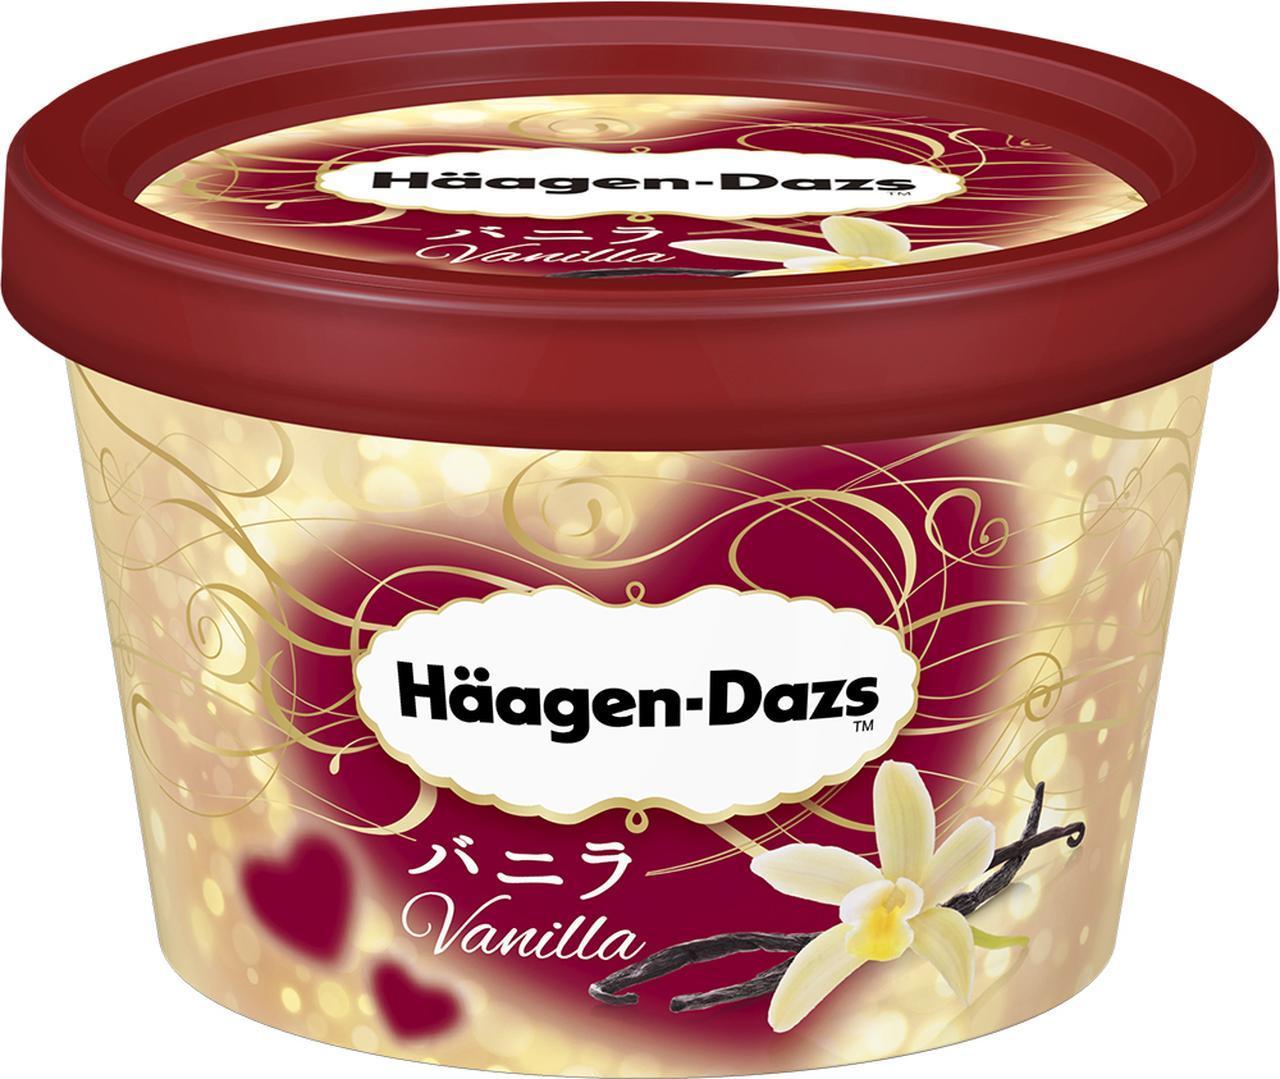 画像: ハーゲンダッツ ミニカップ バニラ ハートパッケージ(期間限定) 【商品概要】1961年のハーゲンダッツ誕生以来変わることのないロングセラーフレーバーである『バニラ』を、幸せの象徴であるハートをまとった限定パッケージにすることで、大切な人と過ごす幸せなひとときや、特別な気分が高まる季節を彩ります。 【種 類 別】アイスクリーム 【成   分】無脂乳固形分:10.0% 乳脂肪分:15.0% 卵脂肪分:0.8% 【原材料名】クリーム、脱脂濃縮乳、砂糖、卵黄/バニラ香料、(一部に乳成分・卵を含む) 【内 容 量】110ml 【価   格】272円(希望小売価格:消費税抜き)※消費税込みの価格は294円 【発 売 日】2018年1月中旬より順次 【販 売 先】全国のスーパーマーケット、コンビニエンスストア、デパート他